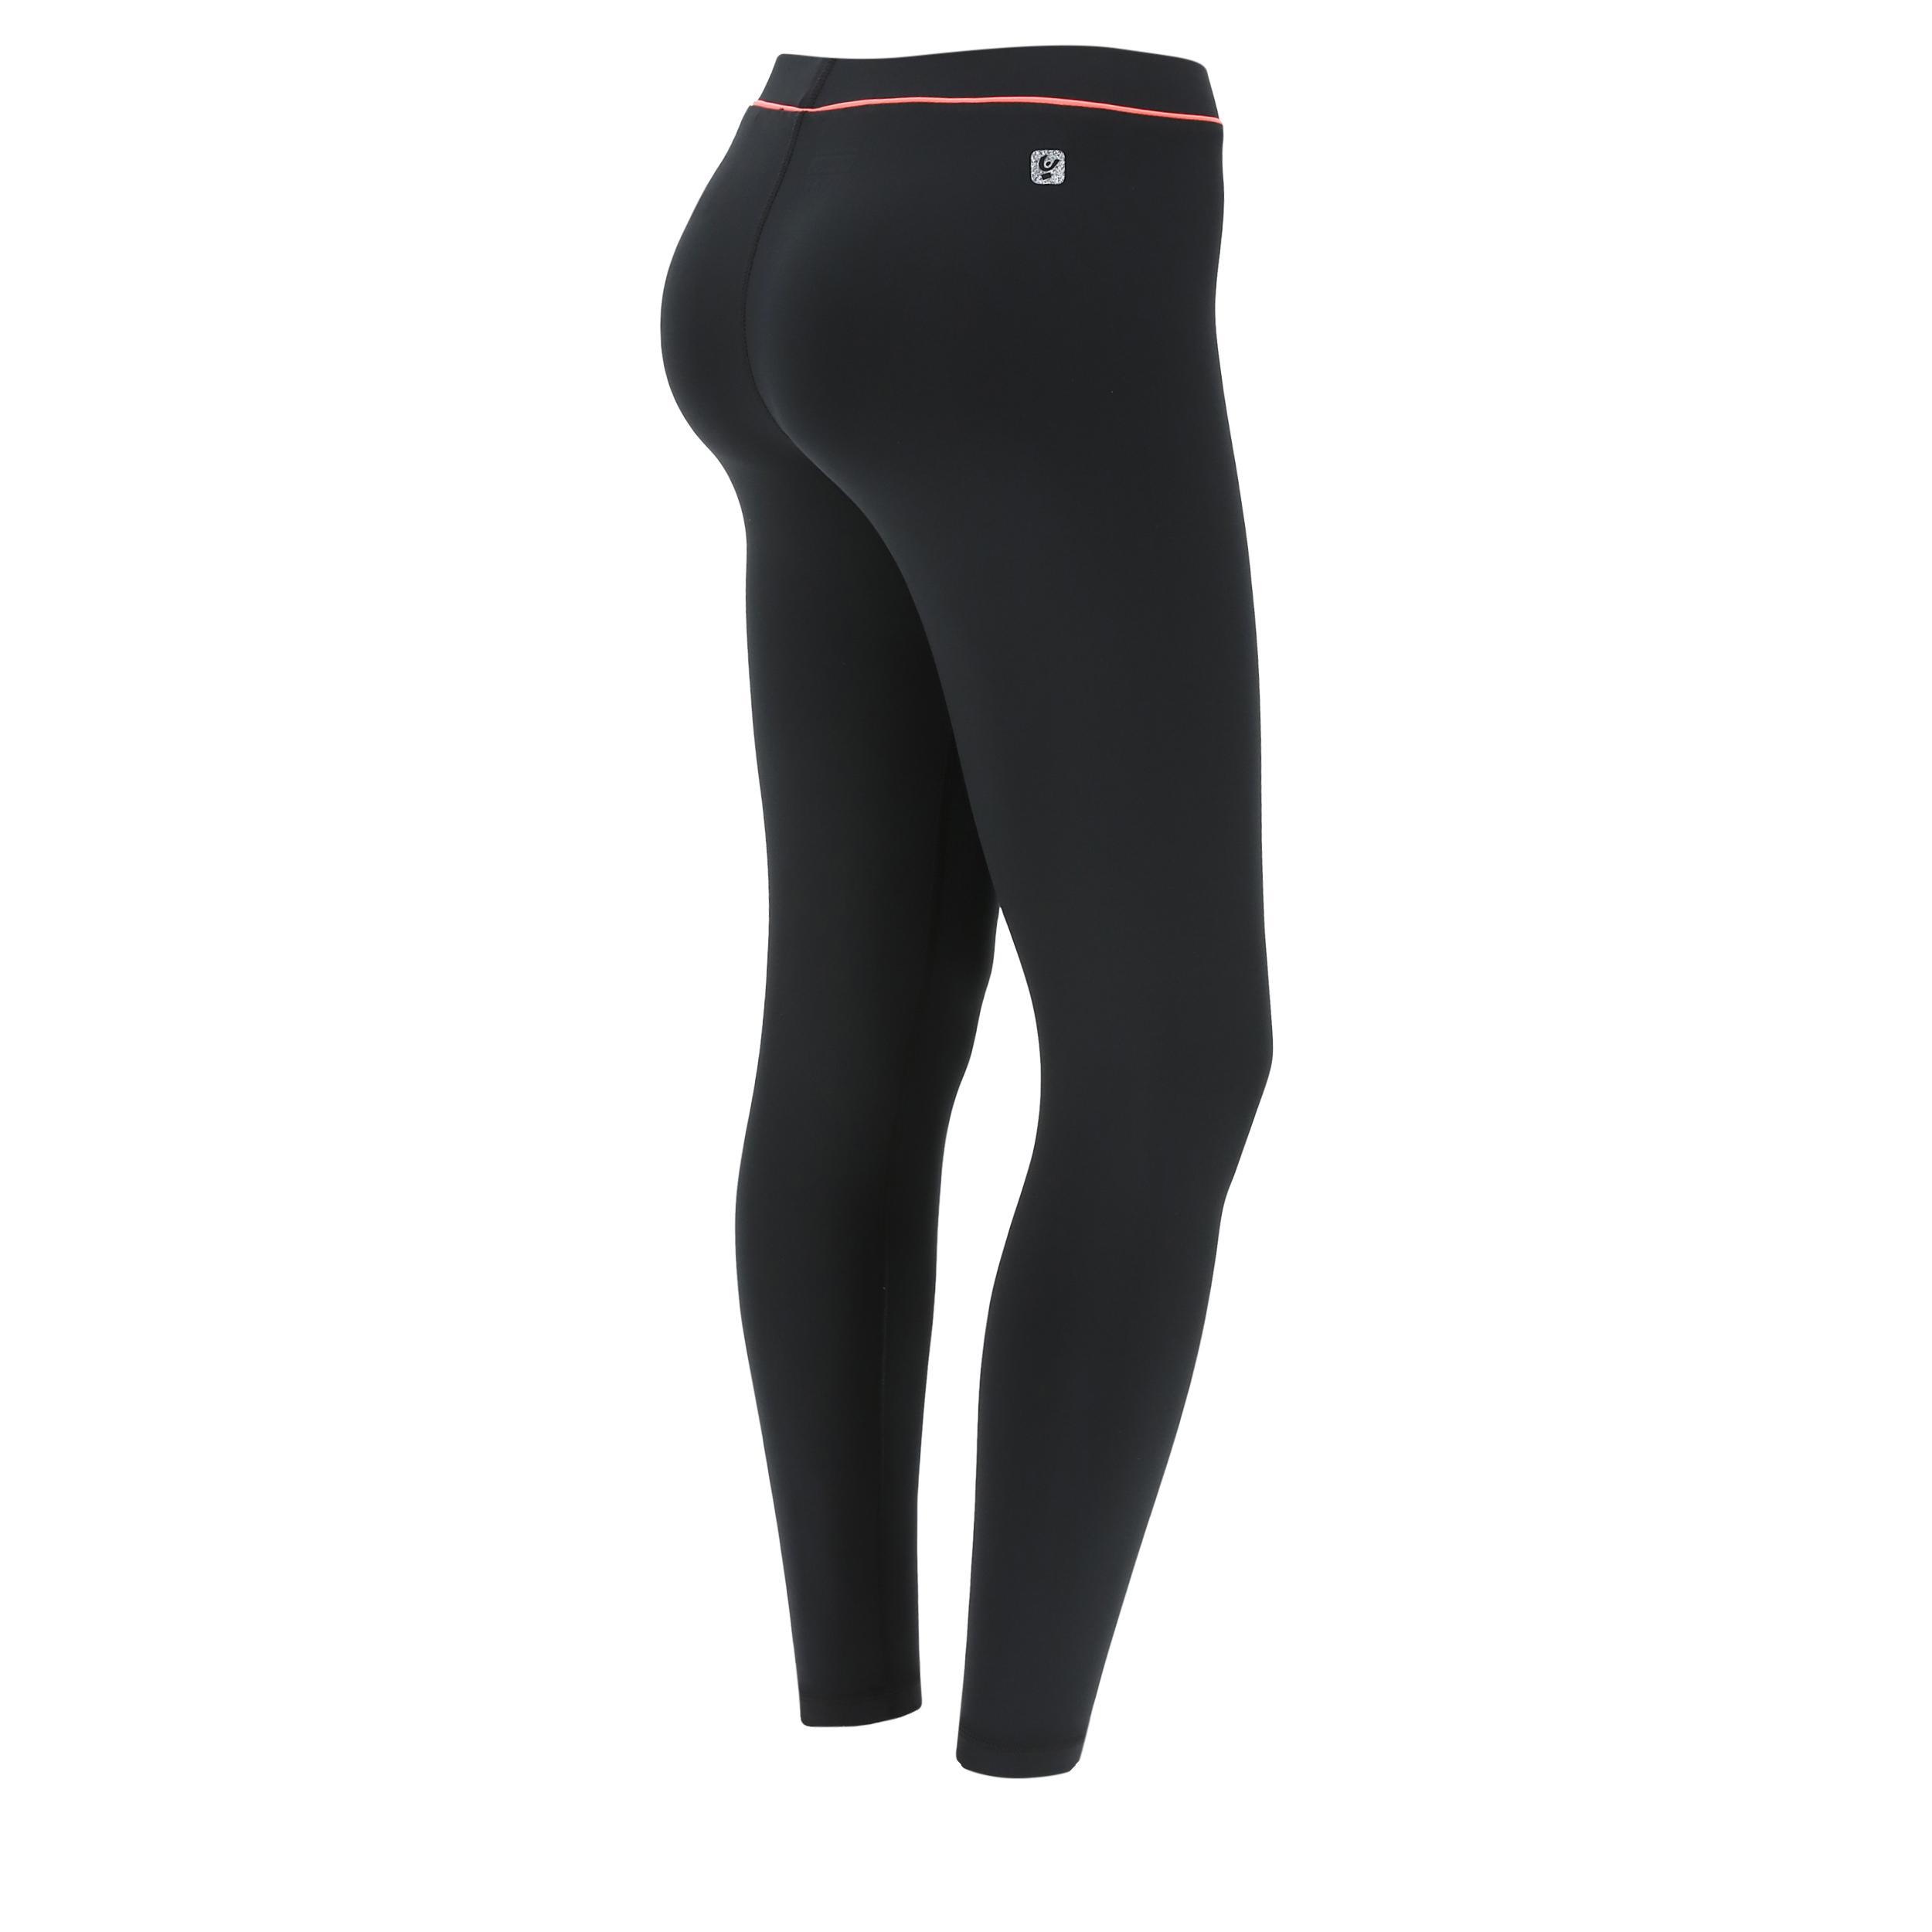 Leggings fitness neri con dettaglio a contrasto